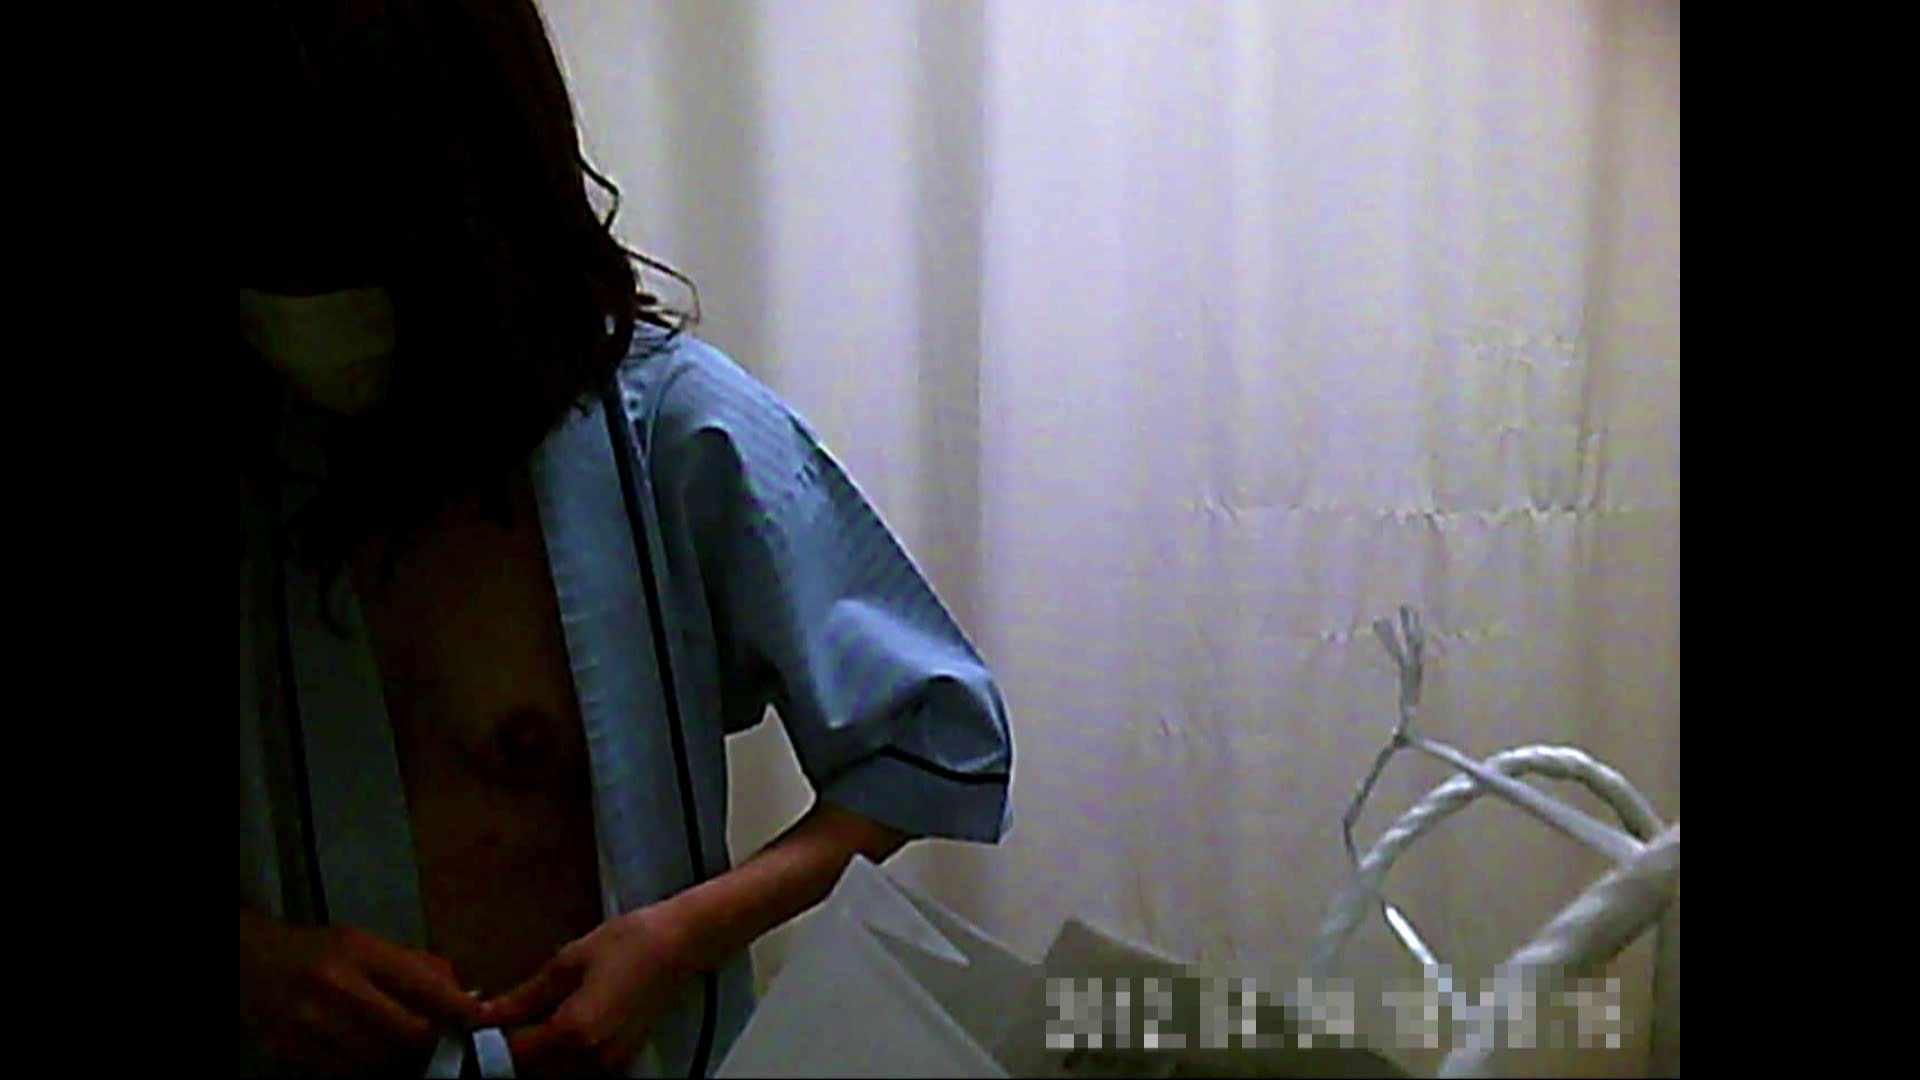 無修正ヌード|元医者による反抗 更衣室地獄絵巻 vol.021|怪盗ジョーカー